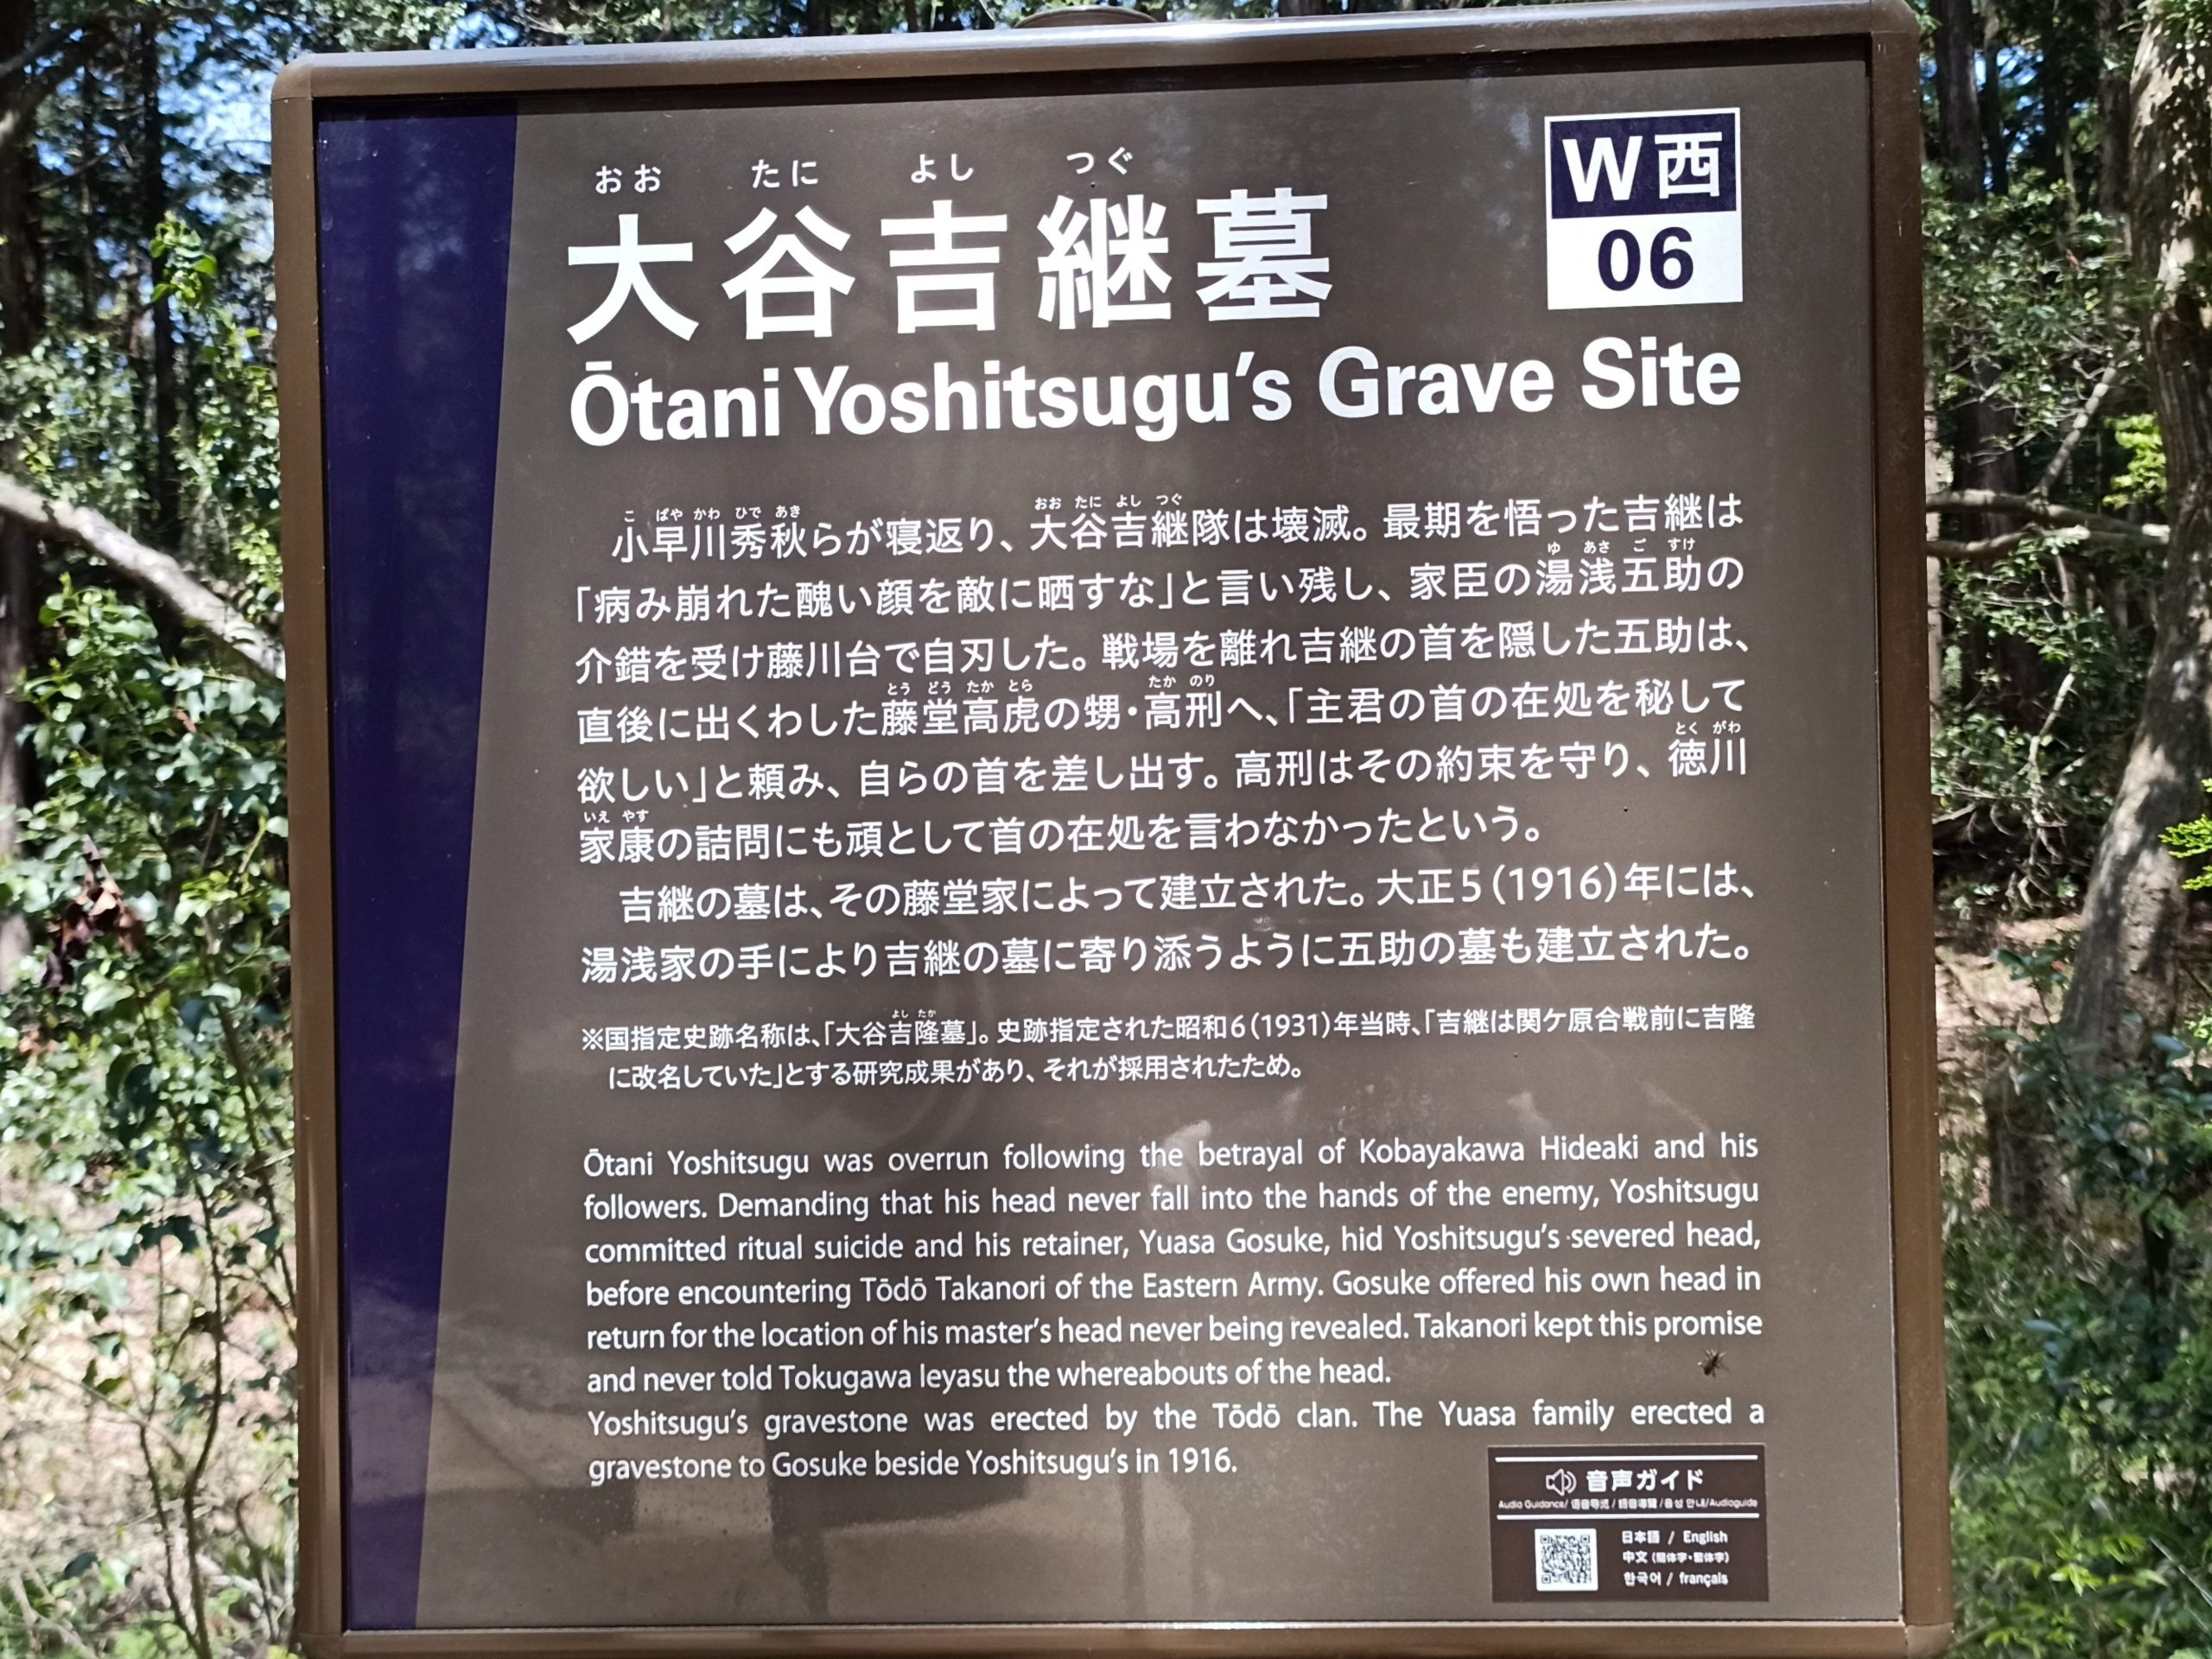 大谷吉継墓説明版